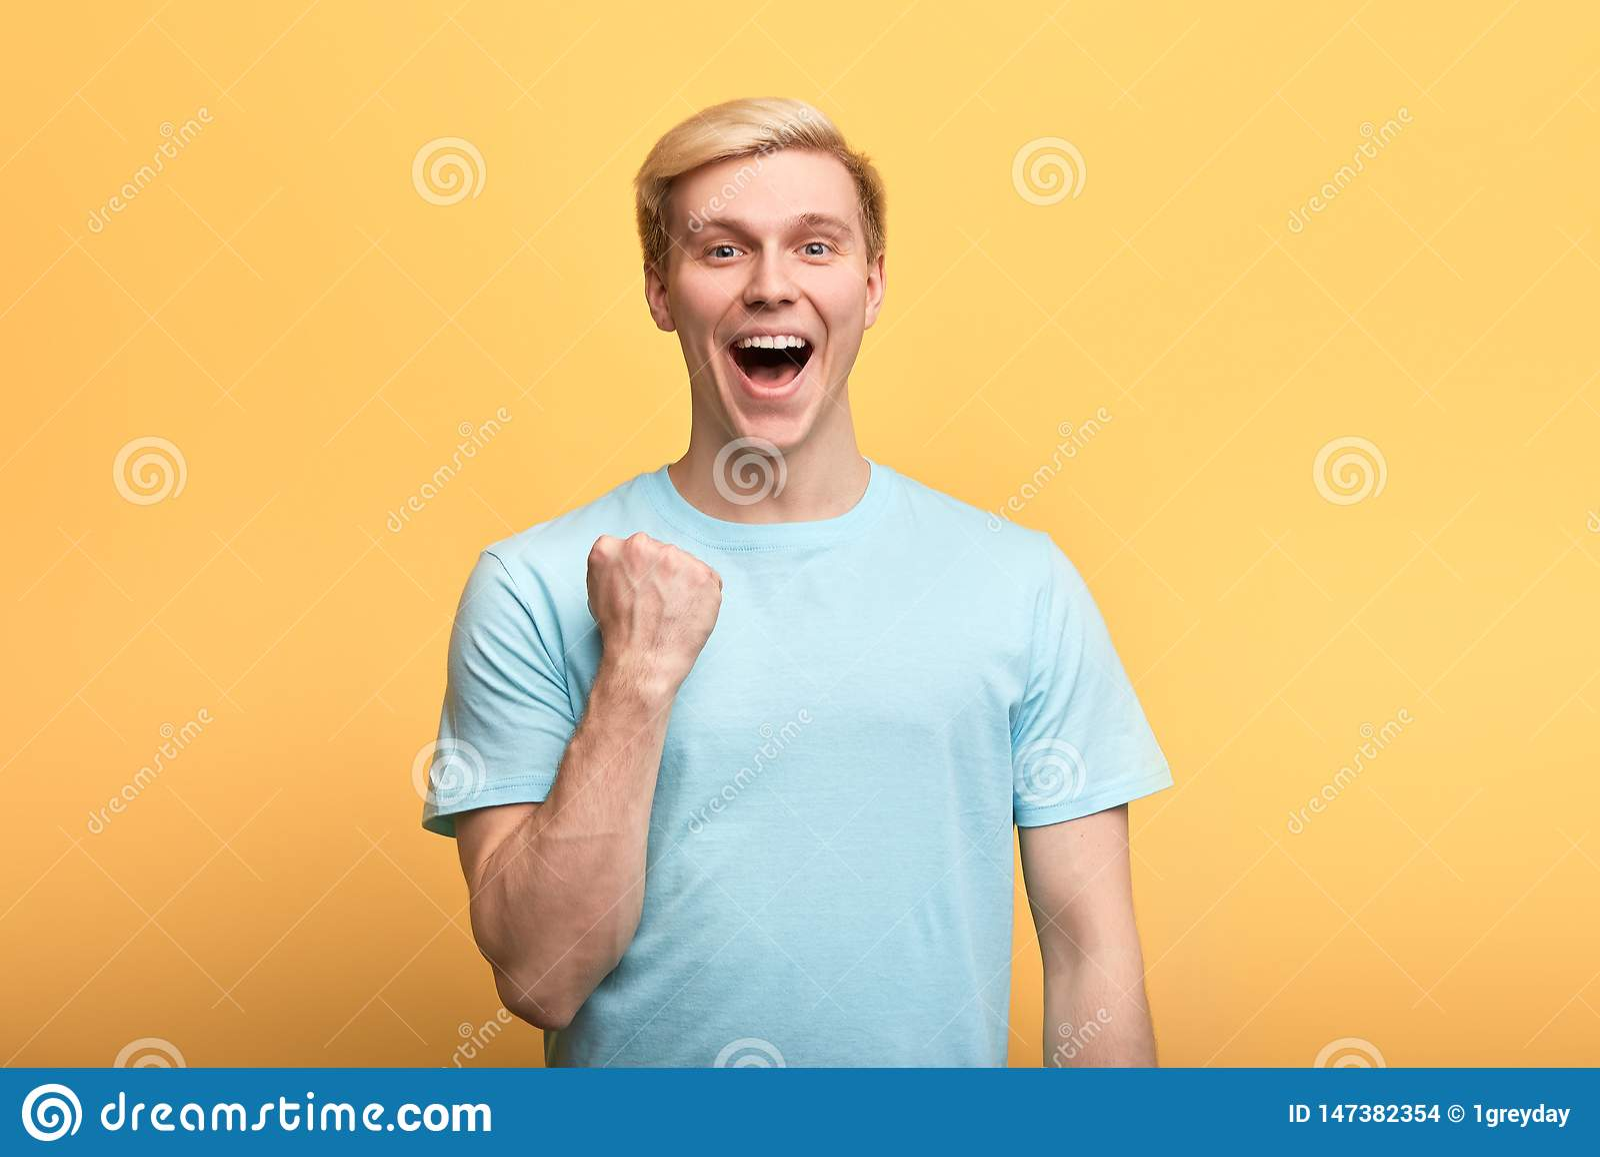 Положительный шикарный молодой эмоциональный человек поднимая сжатые кулаки в hooray жесте